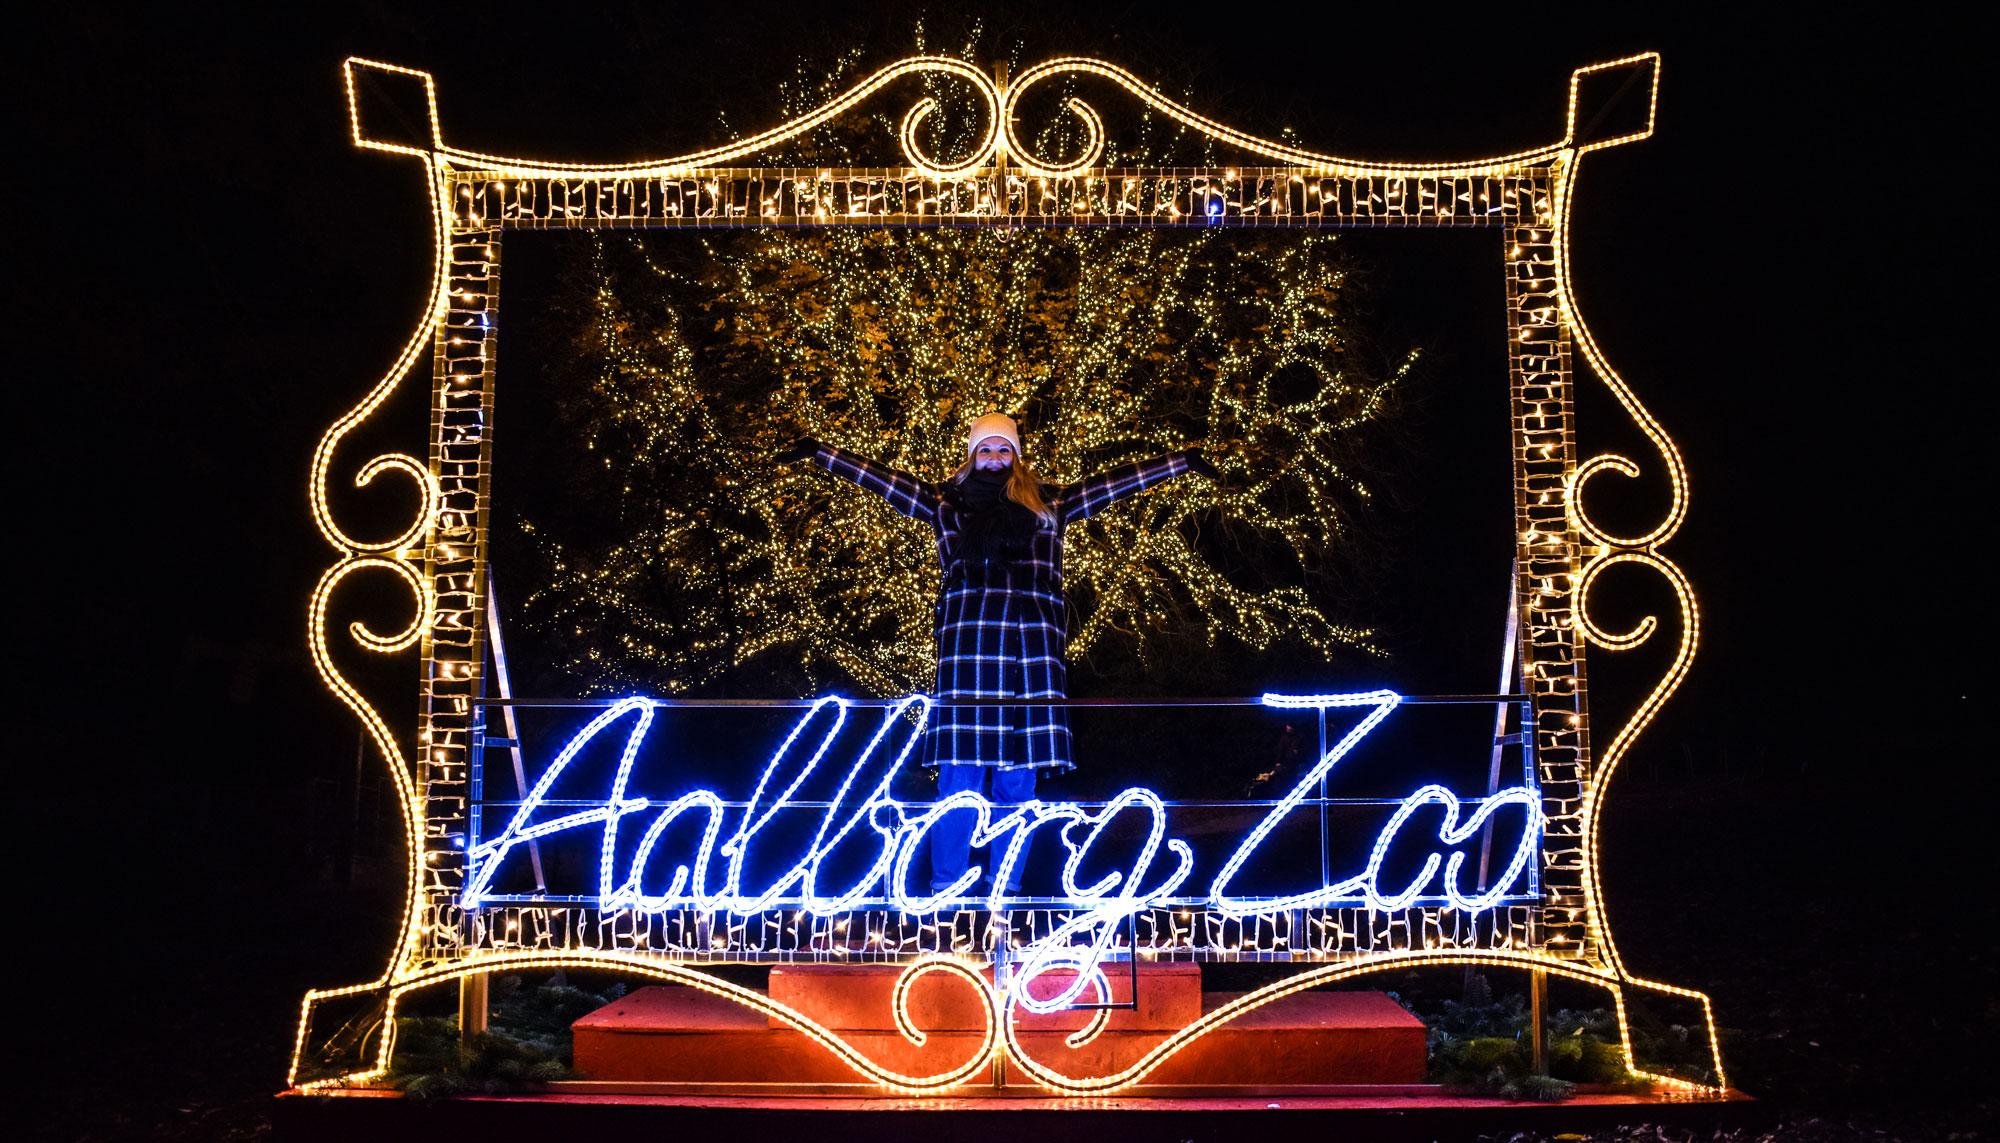 Åbningsdatoen er på plads: Jul i Zoo bliver en magisk oplevelse